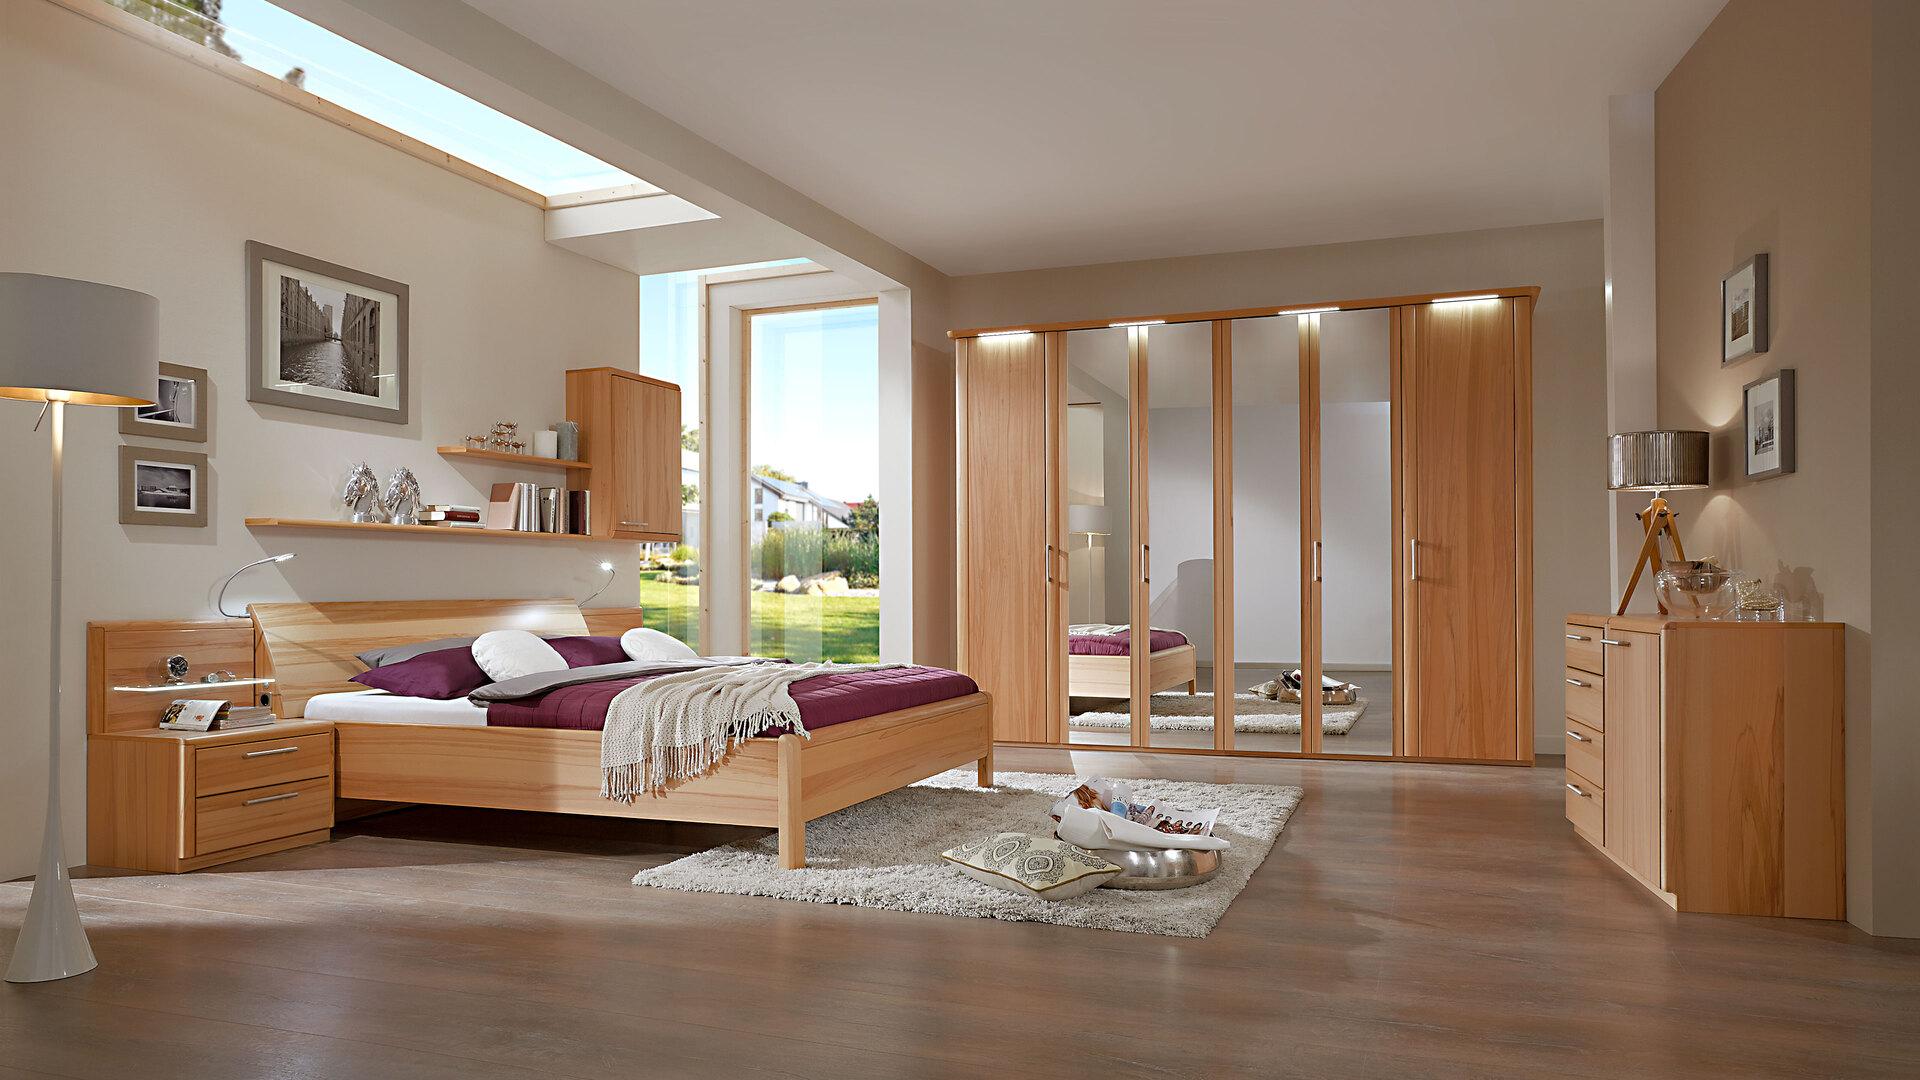 Modernes C. DISSELKAMP Schlafzimmer mit Bettgestell